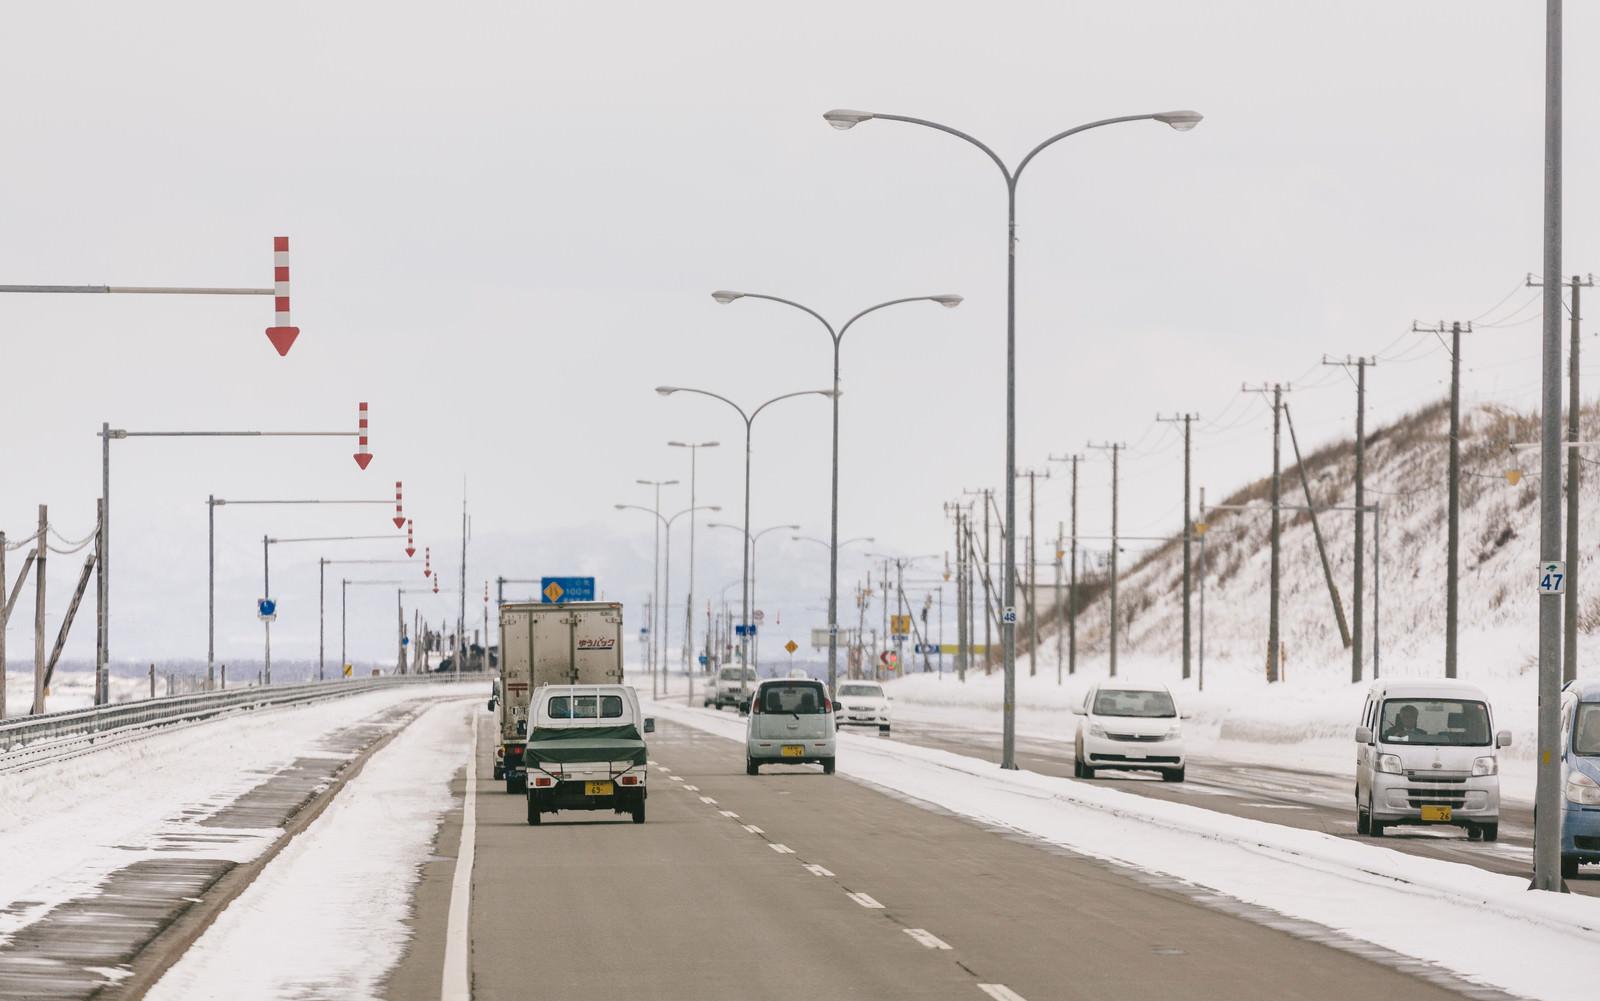 「道路と路肩を区別する「視線誘導標」道路と路肩を区別する「視線誘導標」」のフリー写真素材を拡大